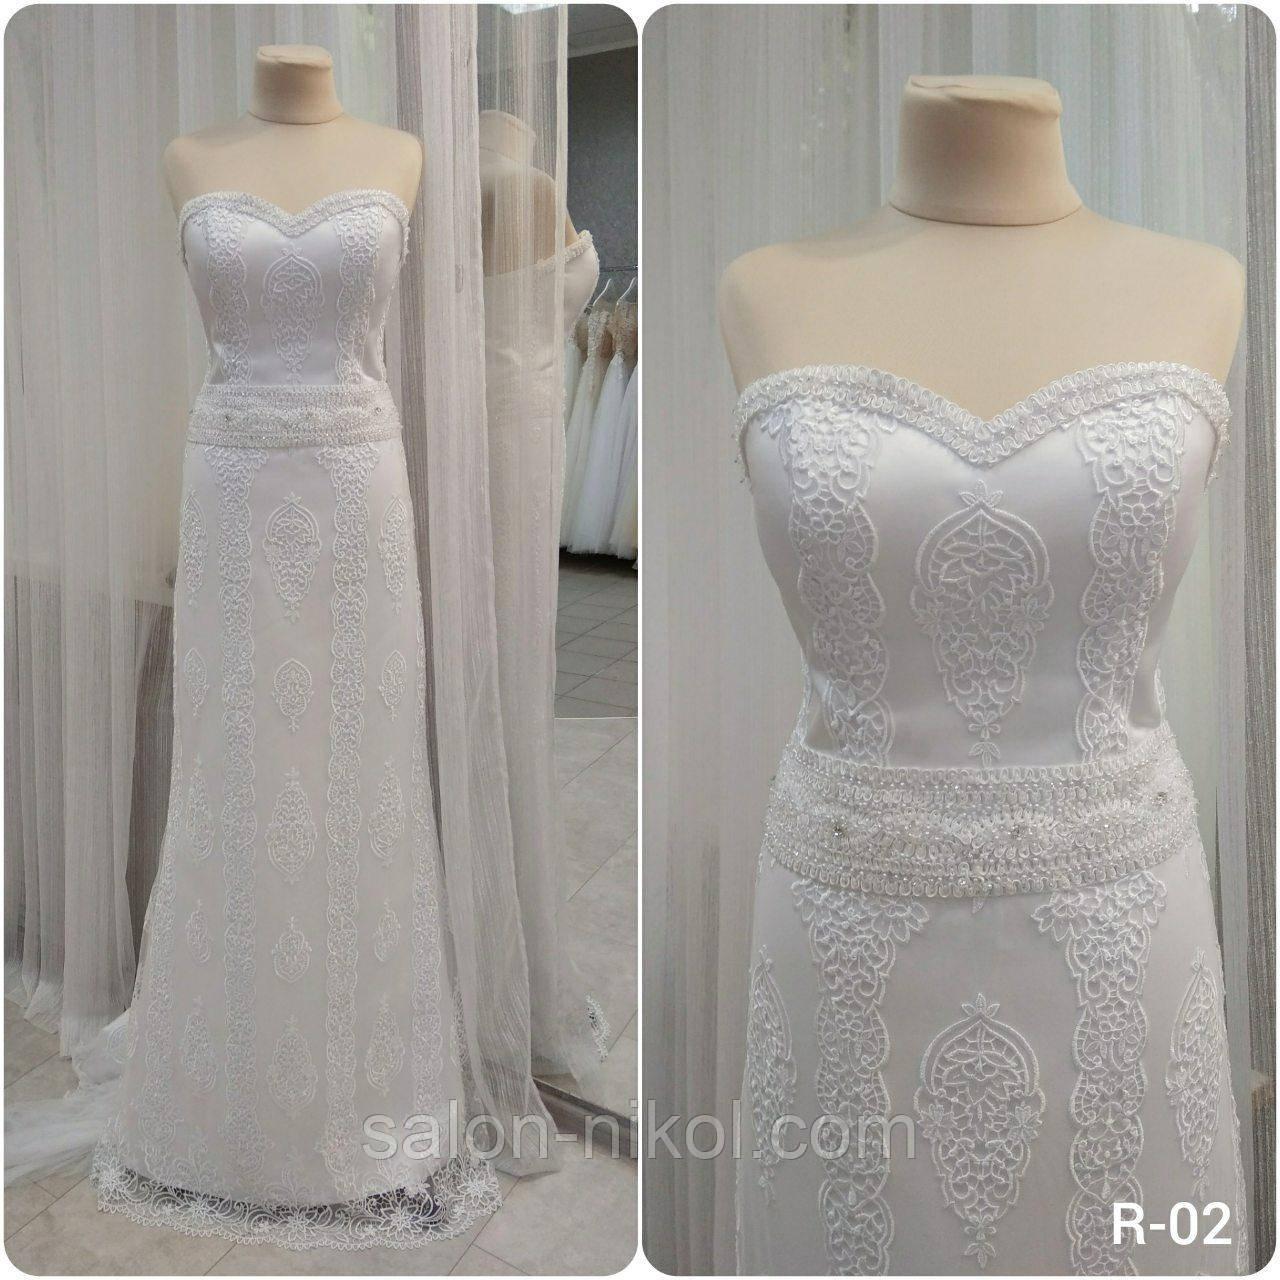 Свадебное платье R-02